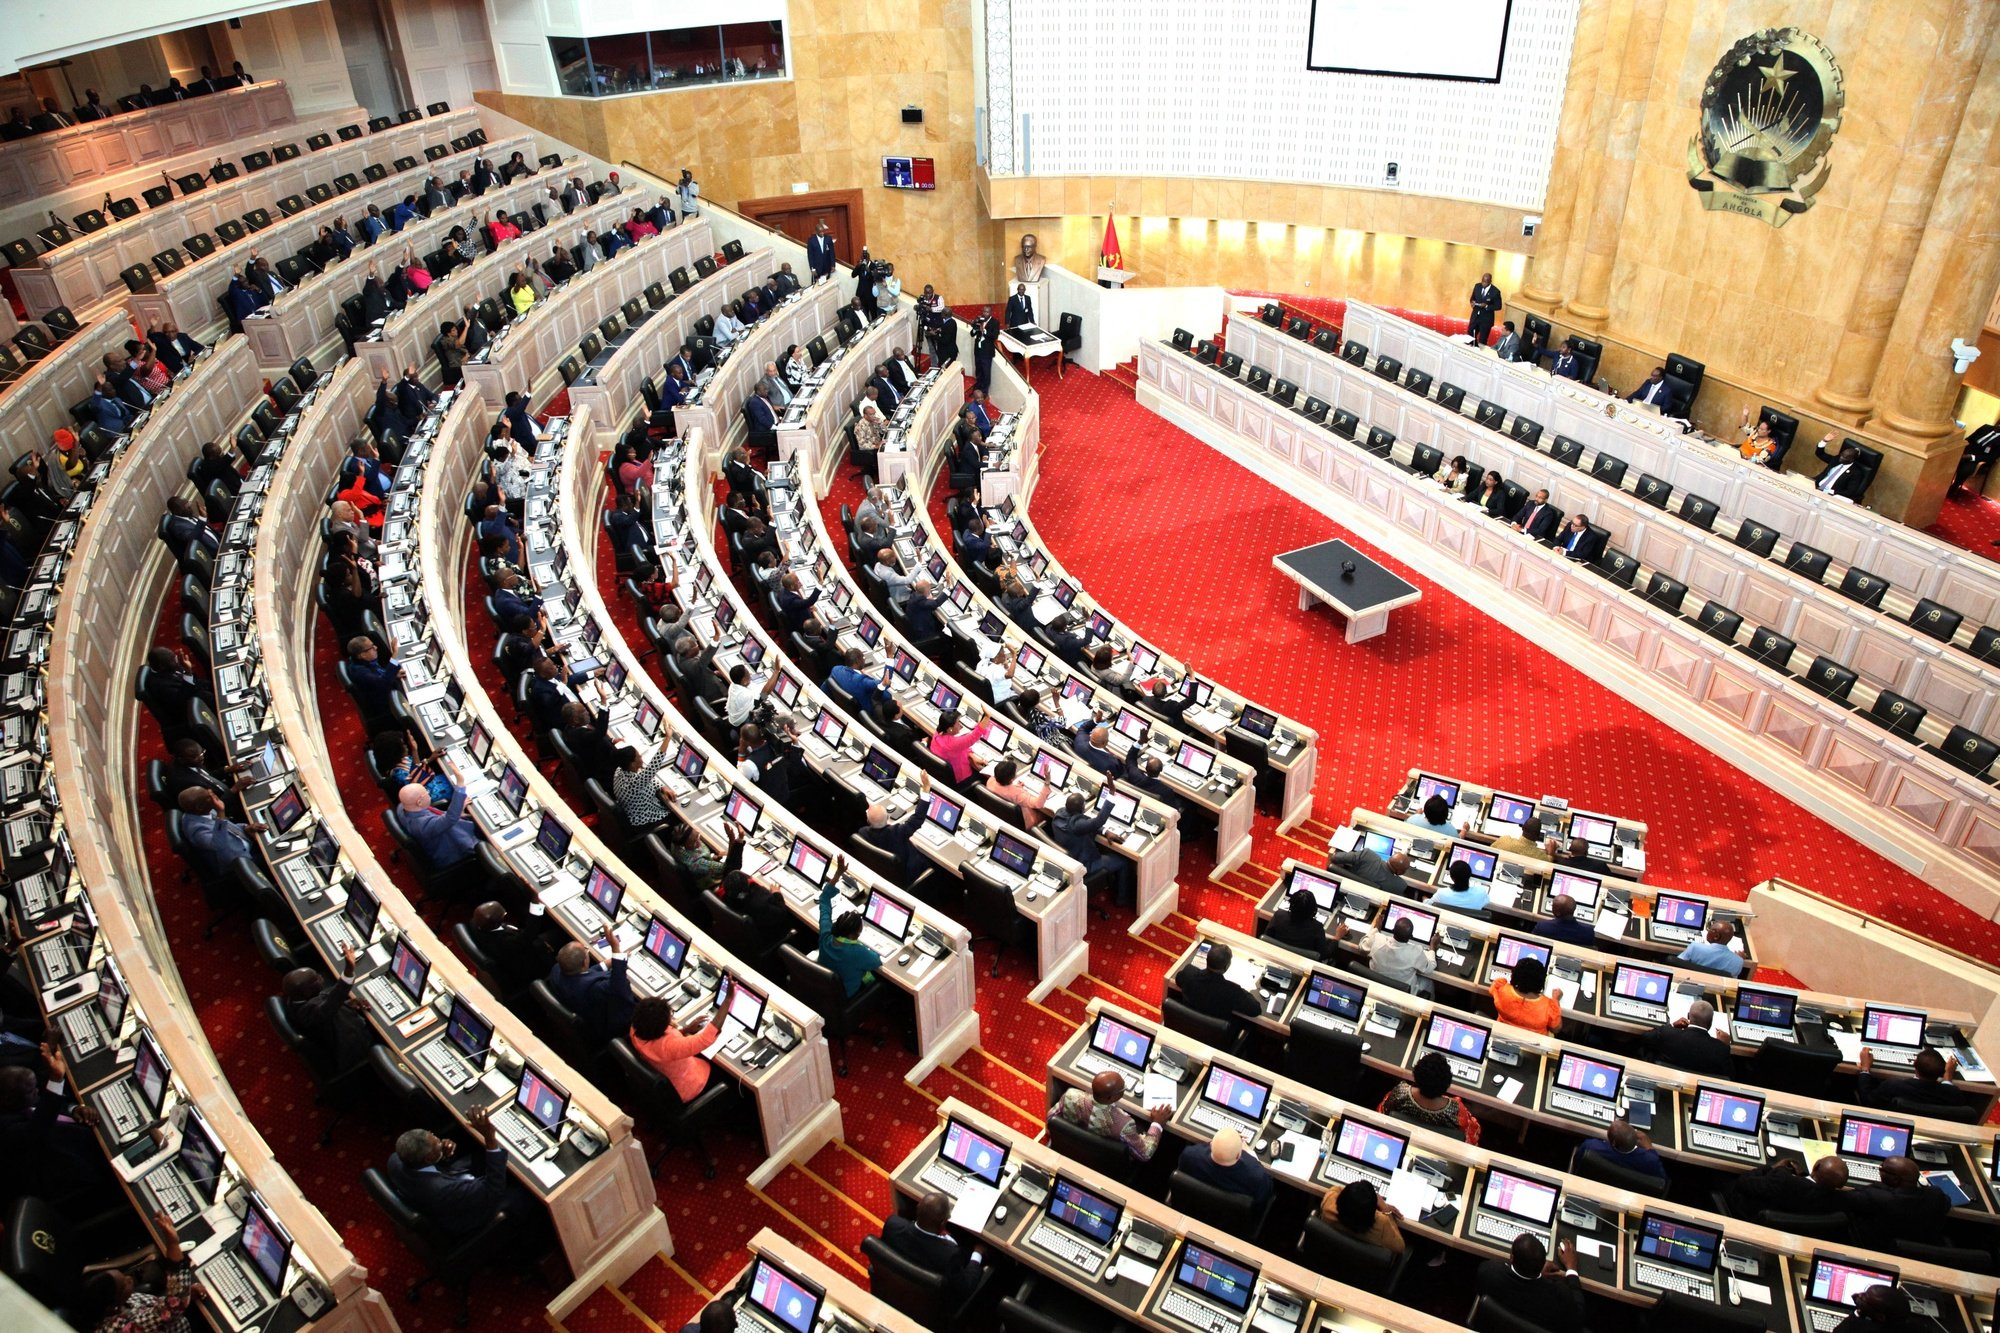 Deputados votam os requerimentos da UNITA e de outros quatro deputados independentes da oposição contra a tomada de posse de Manuel Pereira da Silva (ausente da foto), como novo presidente da Comissão Nacional Eleitoral (CNE), na Assembleia Nacional, em Luanda, Angola, 19 de fevereiro de 2020. As propostas foram chumbadas pelo plenário, com 115 votos contra, 61 a favor e zero abstenções. AMPE ROGÉRIO/LUSA